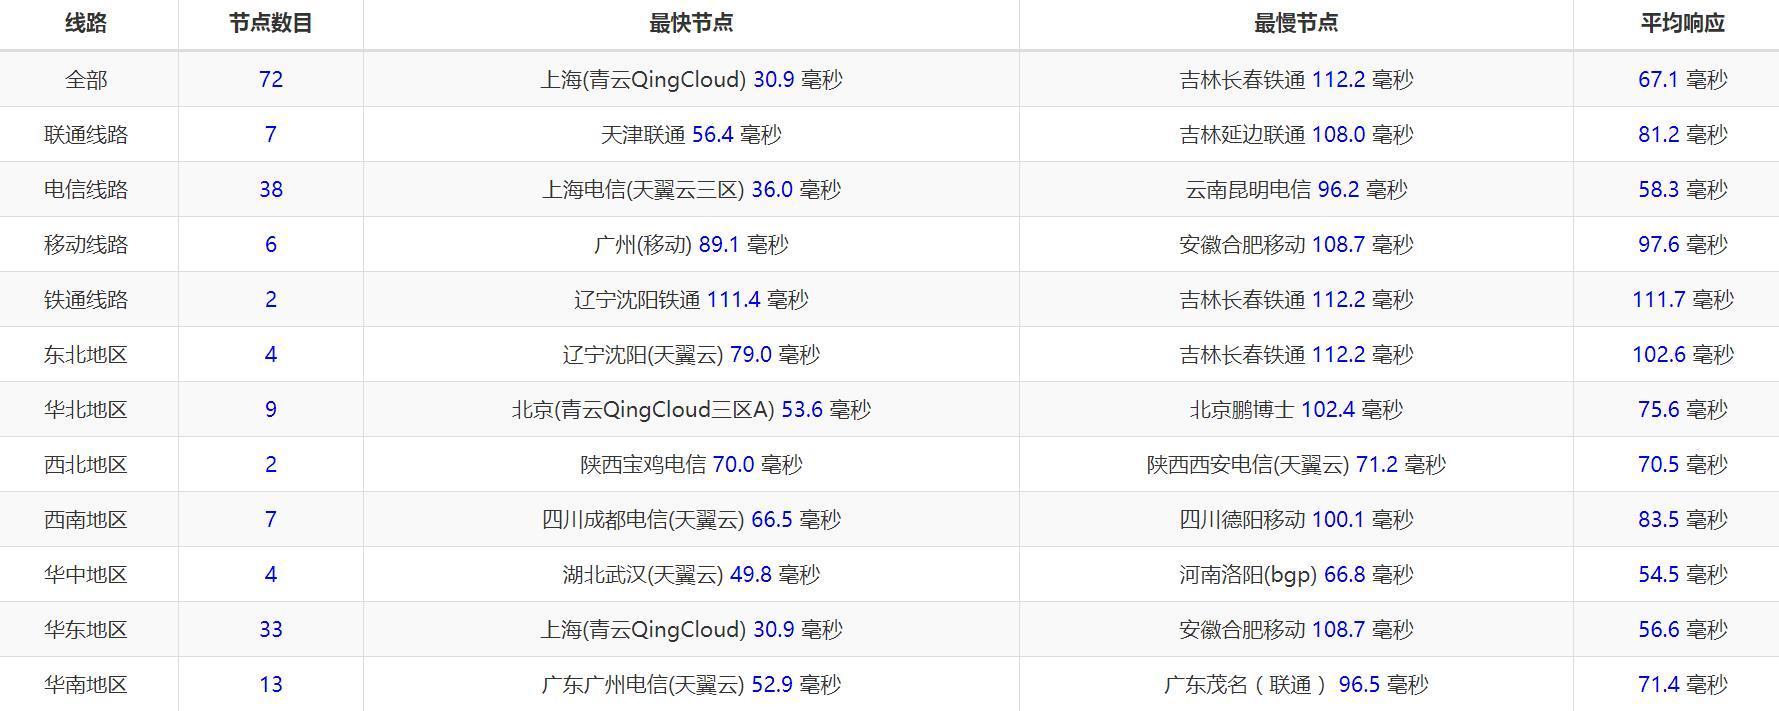 羊毛党之家 Lightsail 512MB内存 SSD硬盘 日本 Xen VPS测评 https://yangmaodang.org